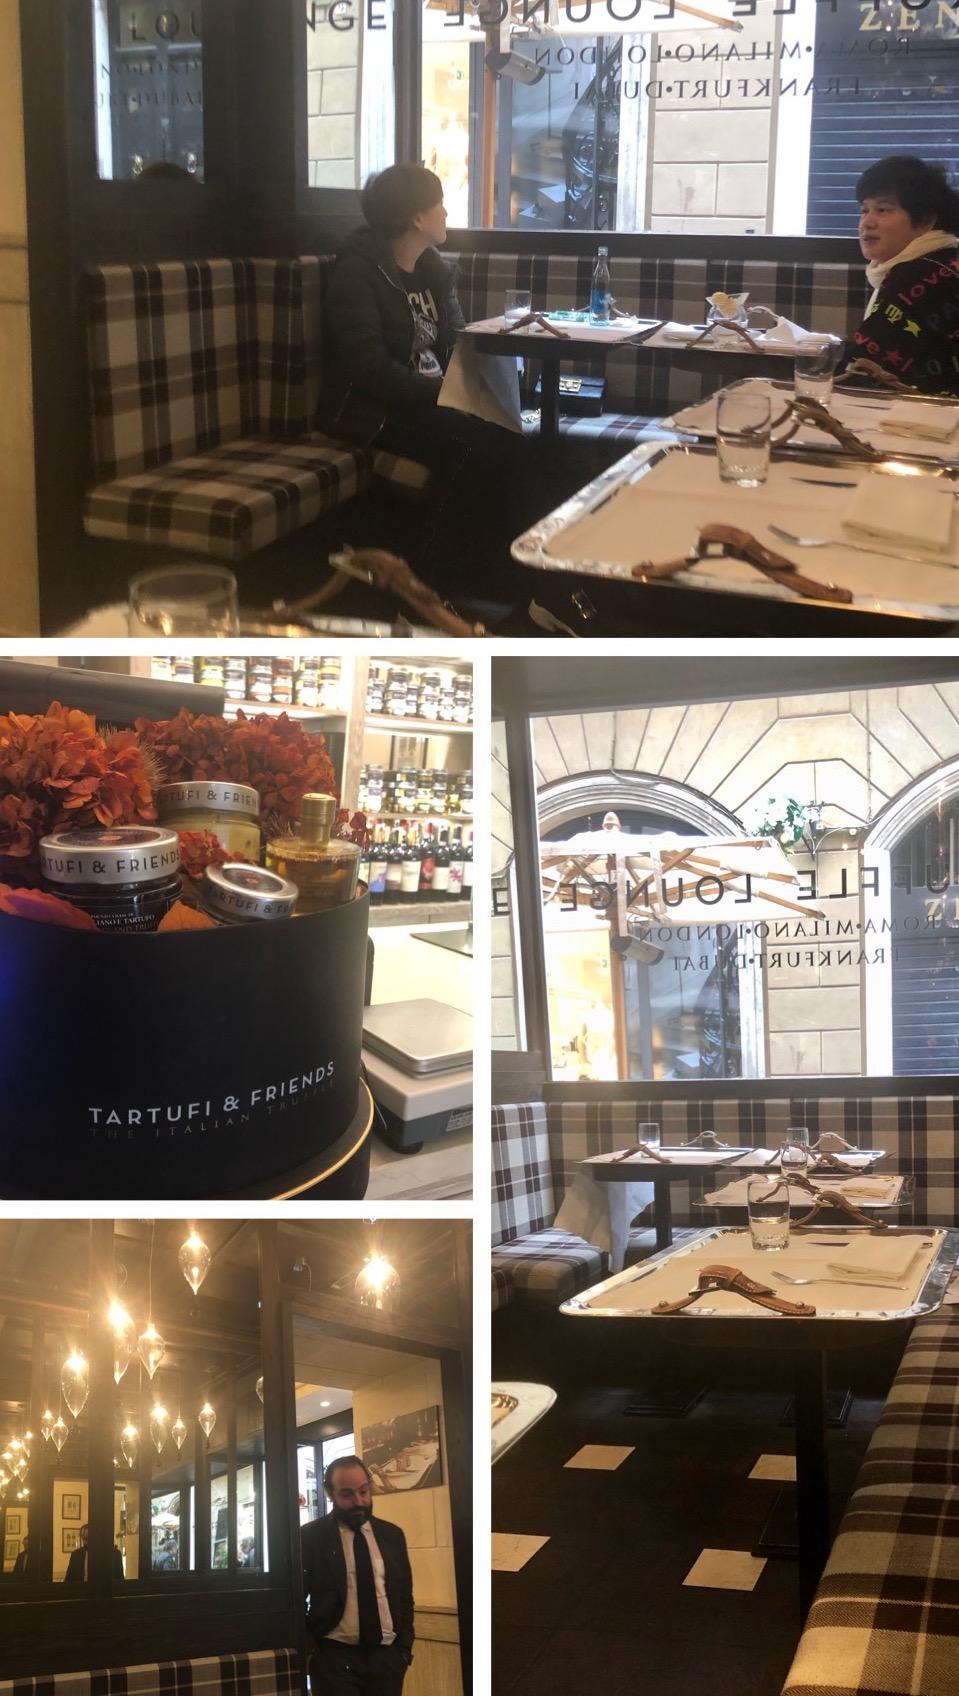 Tartufi&Friends il bistrot romano tutto dedicato al tartufo